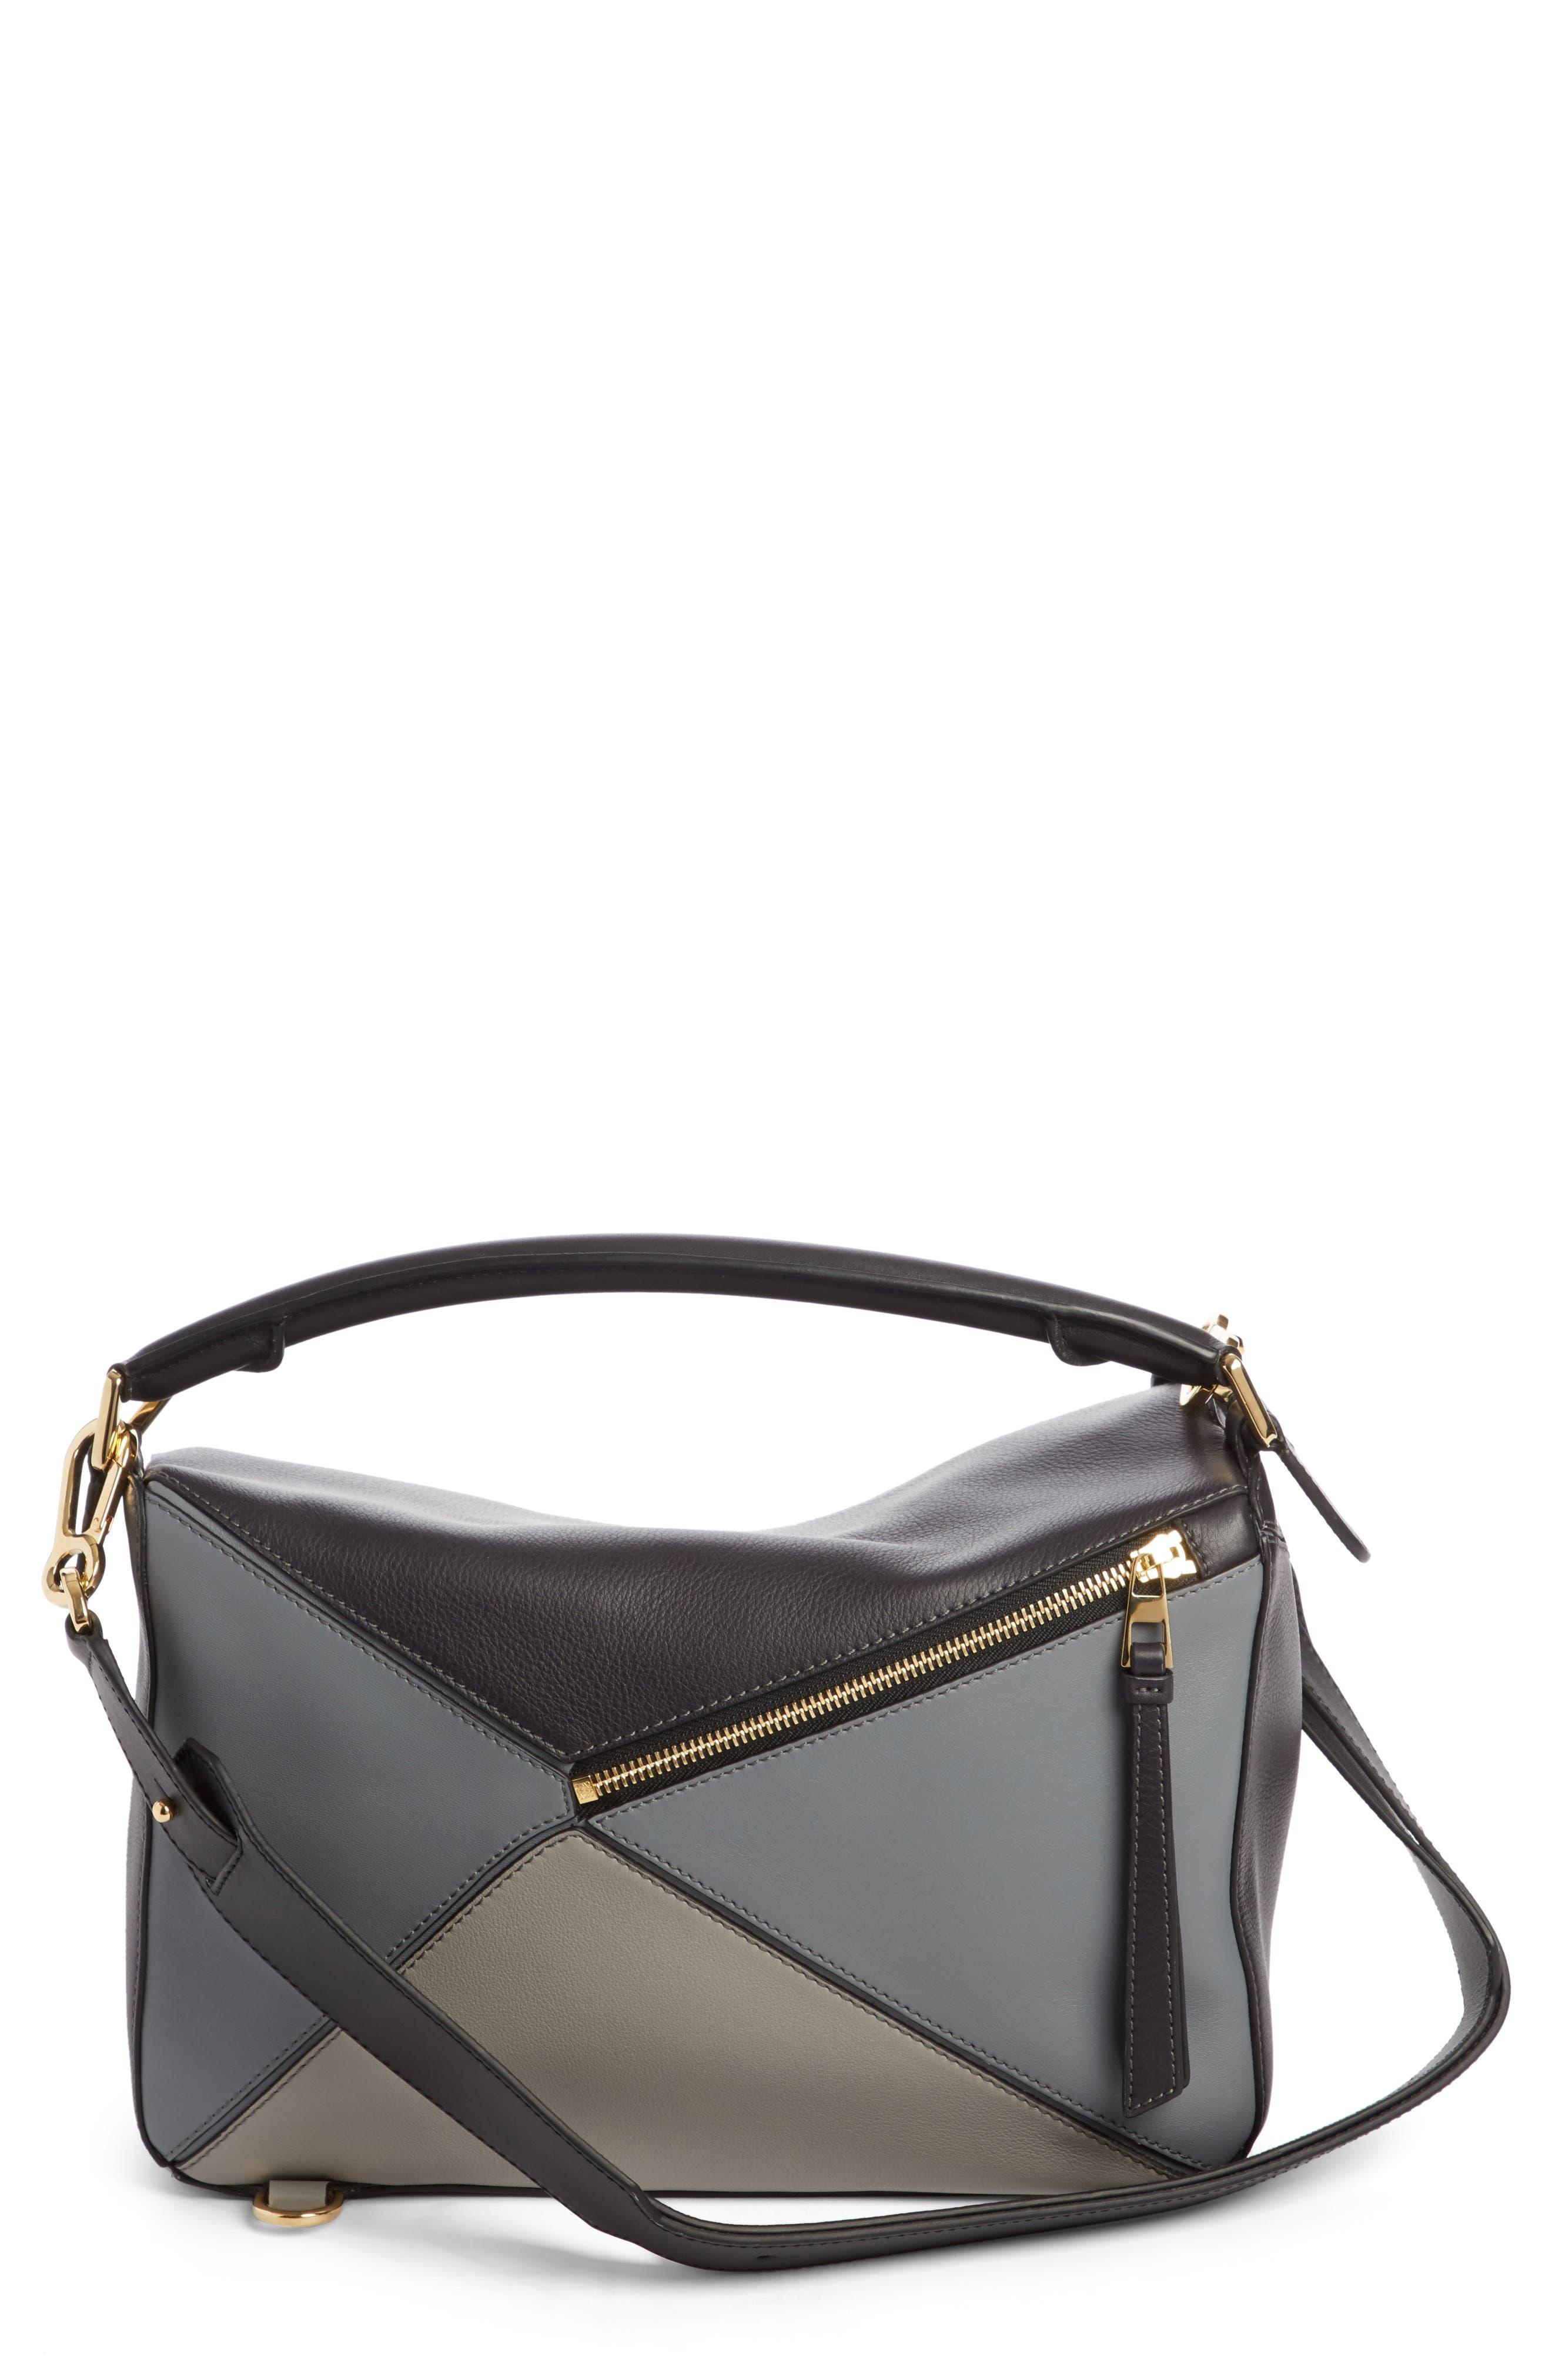 Medium Puzzle Colorblock Leather Shoulder Bag,                         Main,                         color, 070